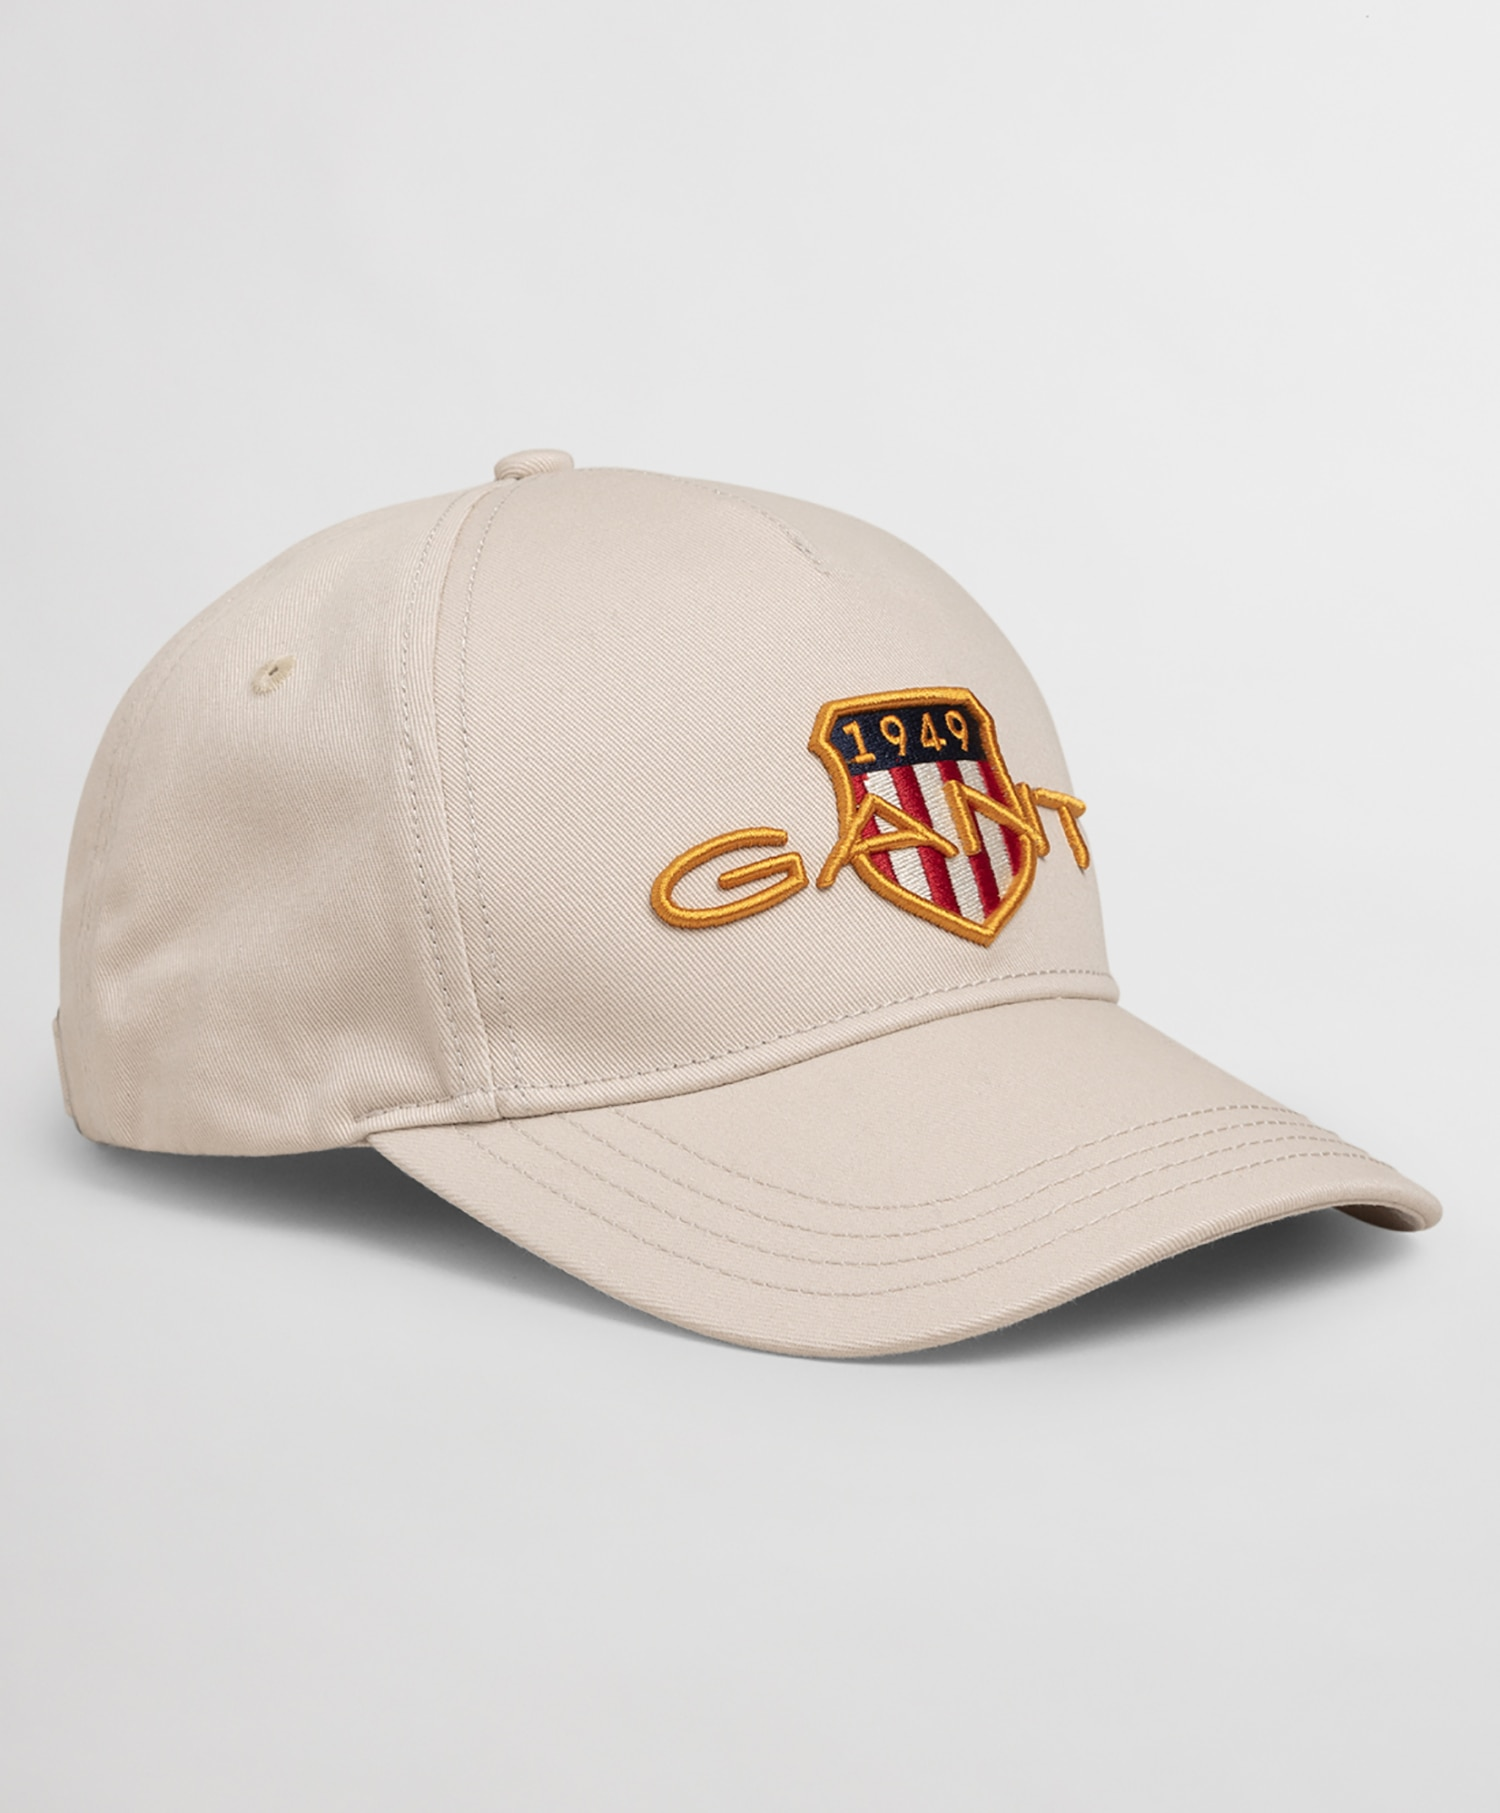 GANT COTTON CAPS